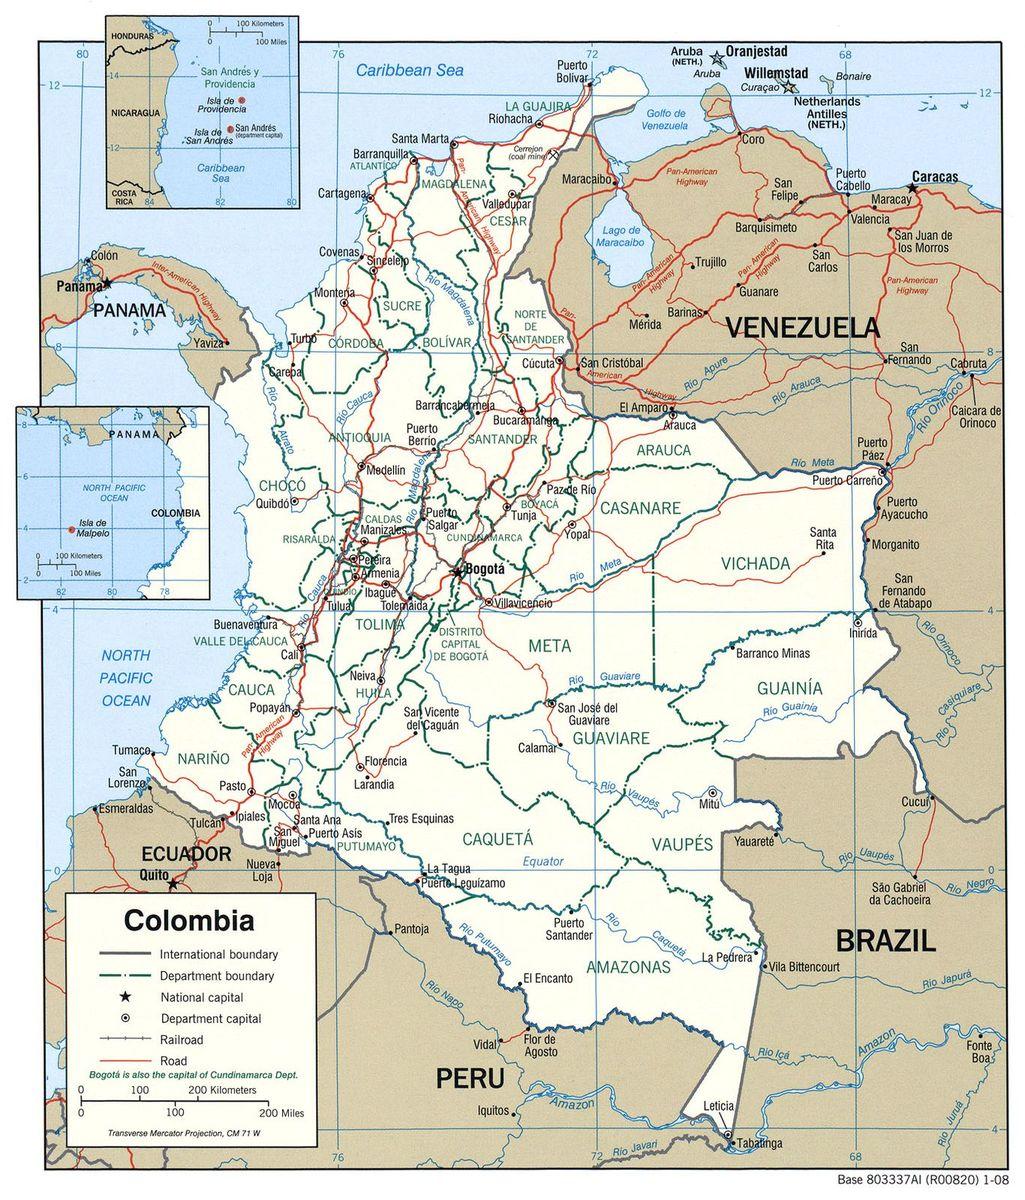 cuál es el código postal de Colombia o el código postal de